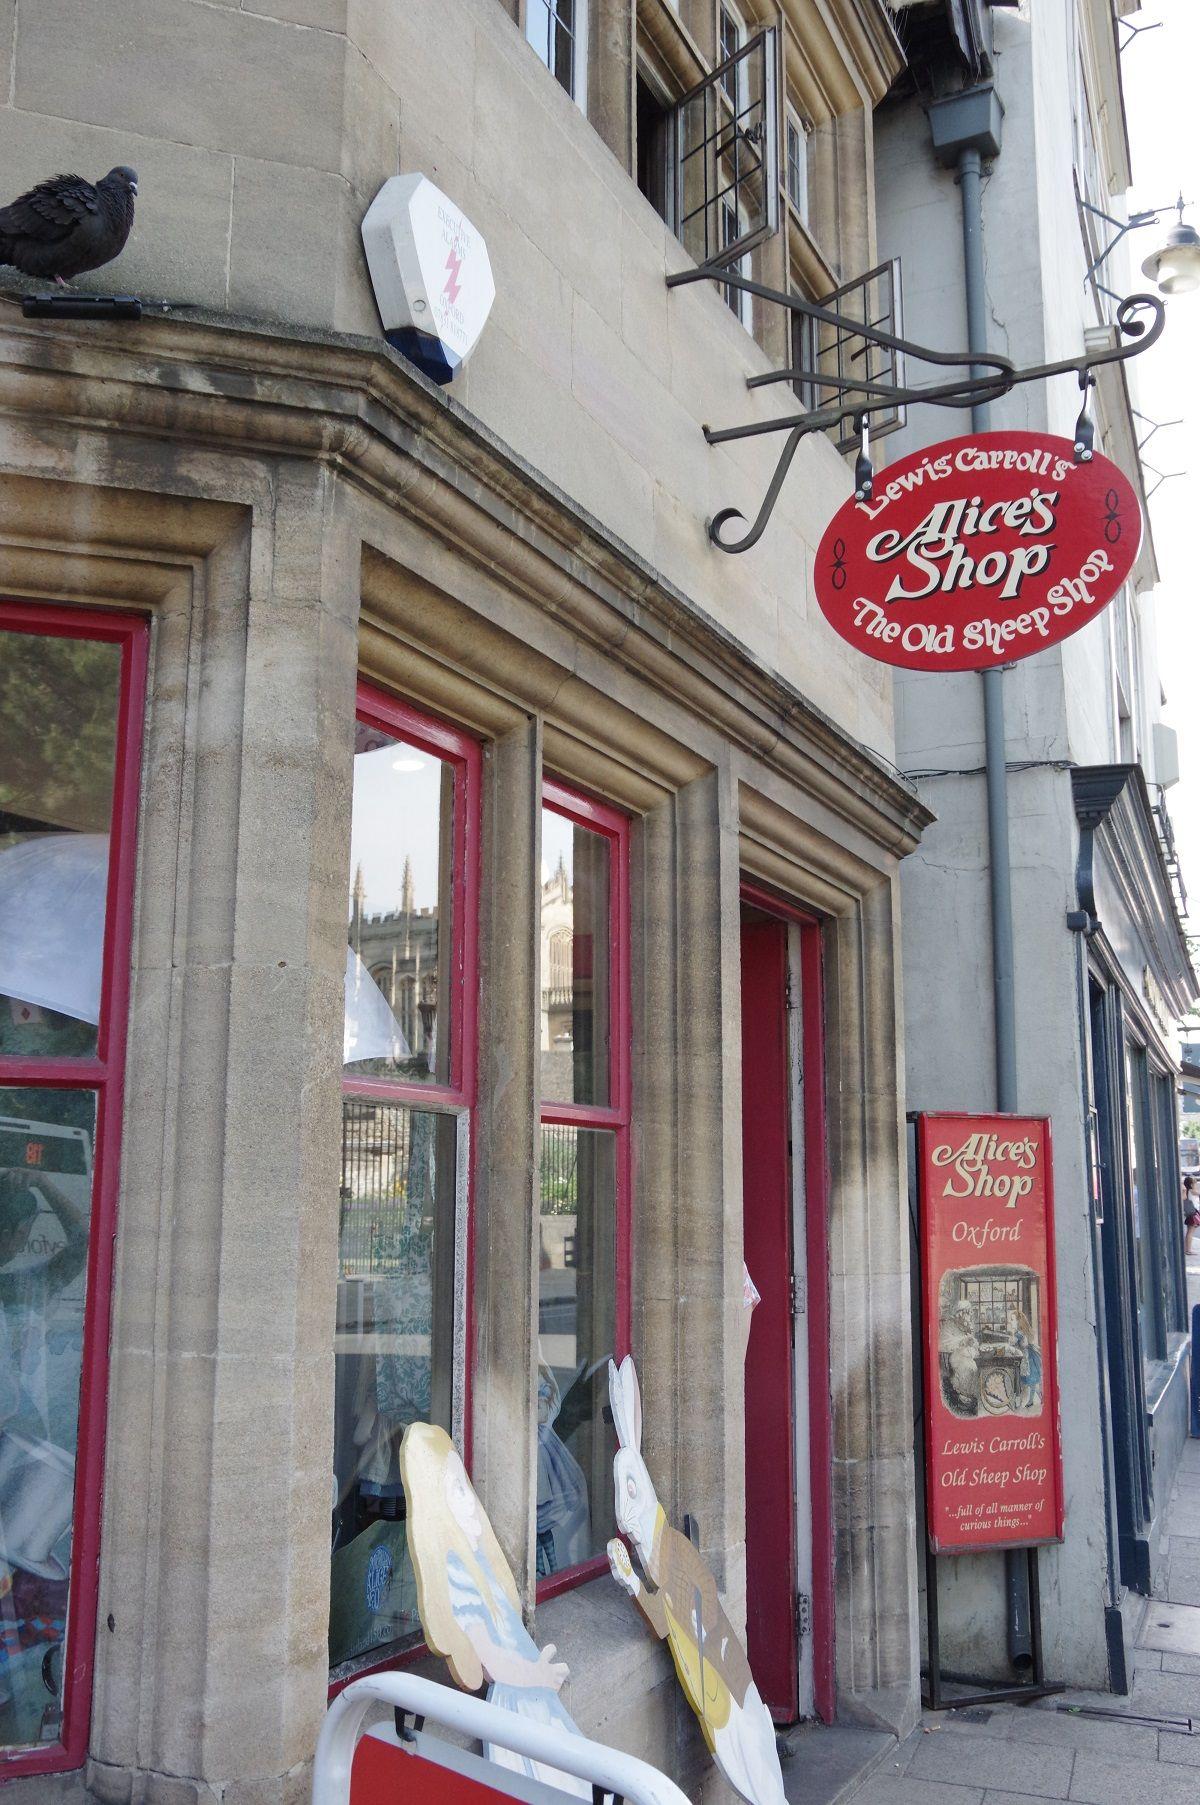 本物のアリスも買い物した?!「Alice's Shop」